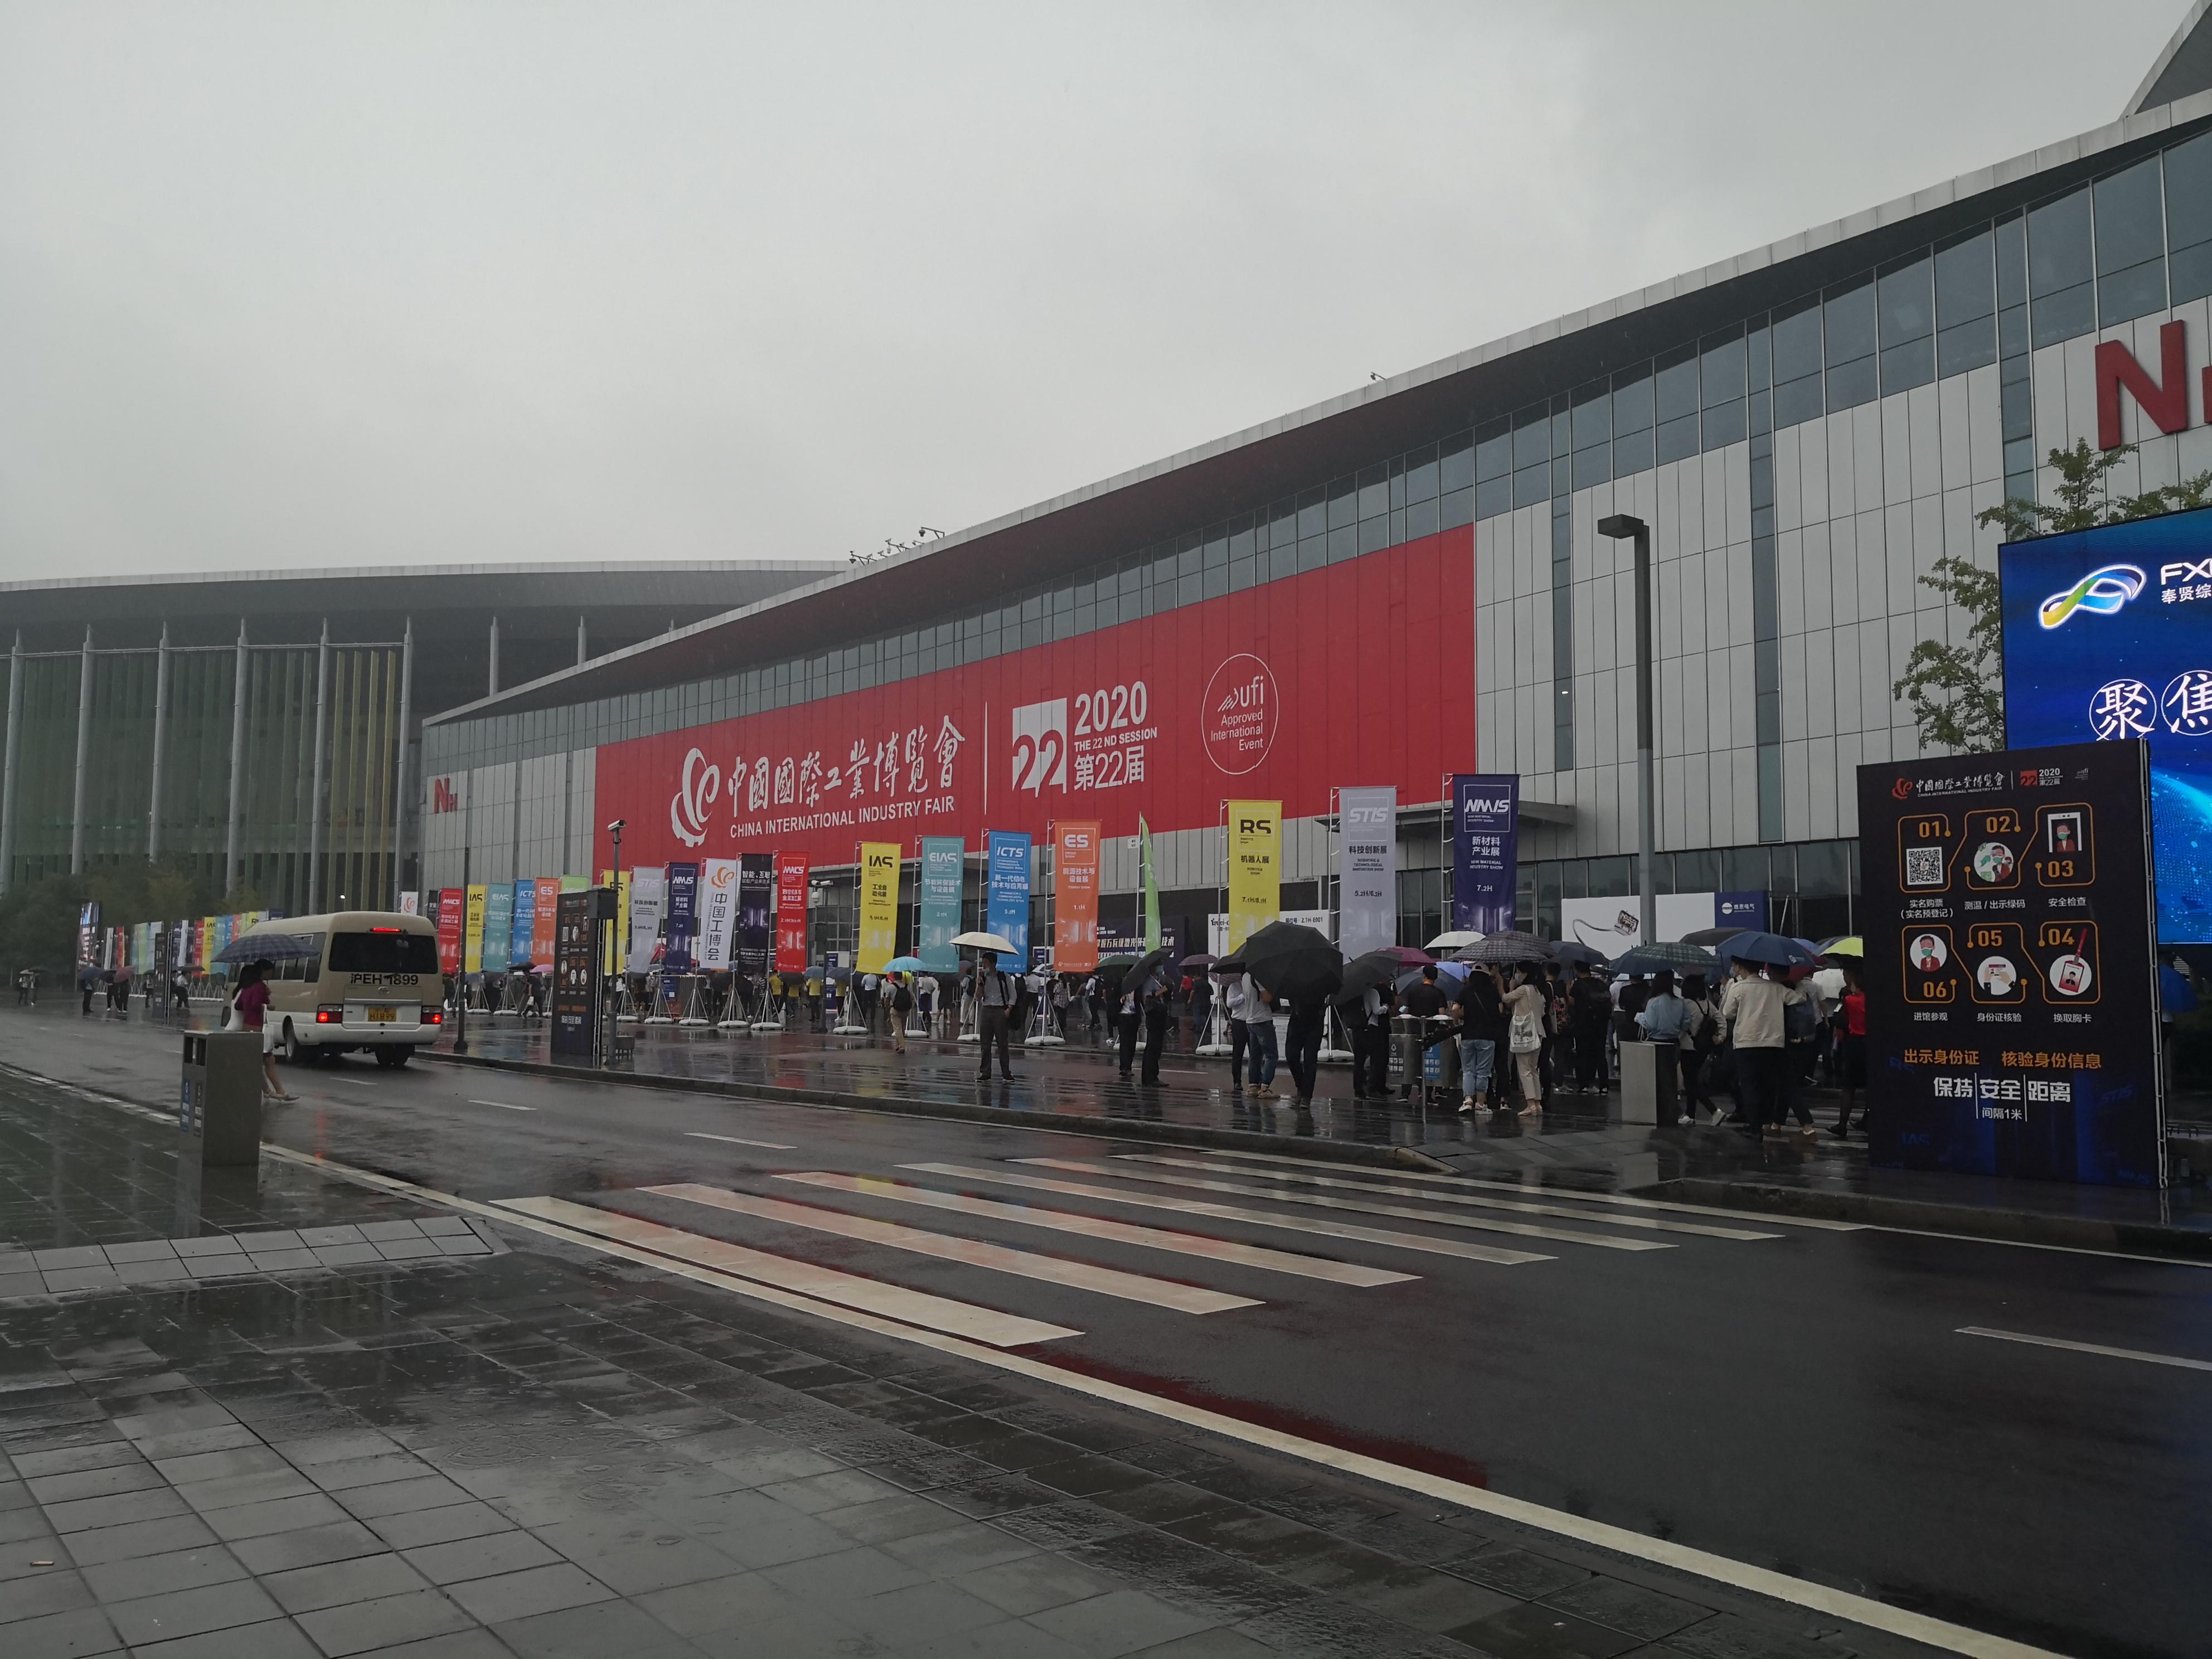 第22届中国国际工业博览会数控机床与金属加工展花絮